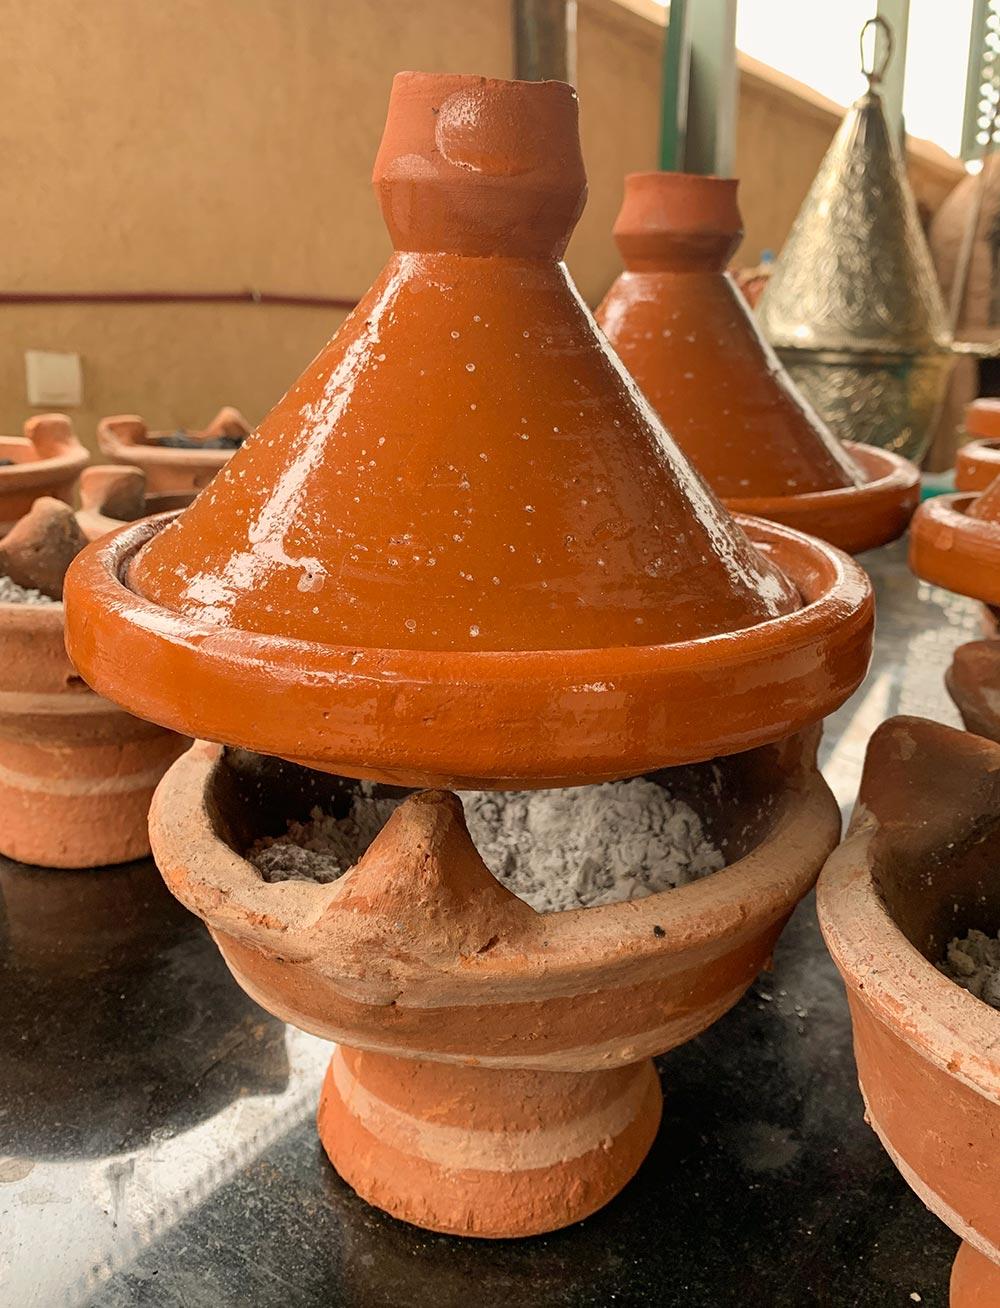 Traditionell schmort die Tajine über Glut © Siegbert Mattheis